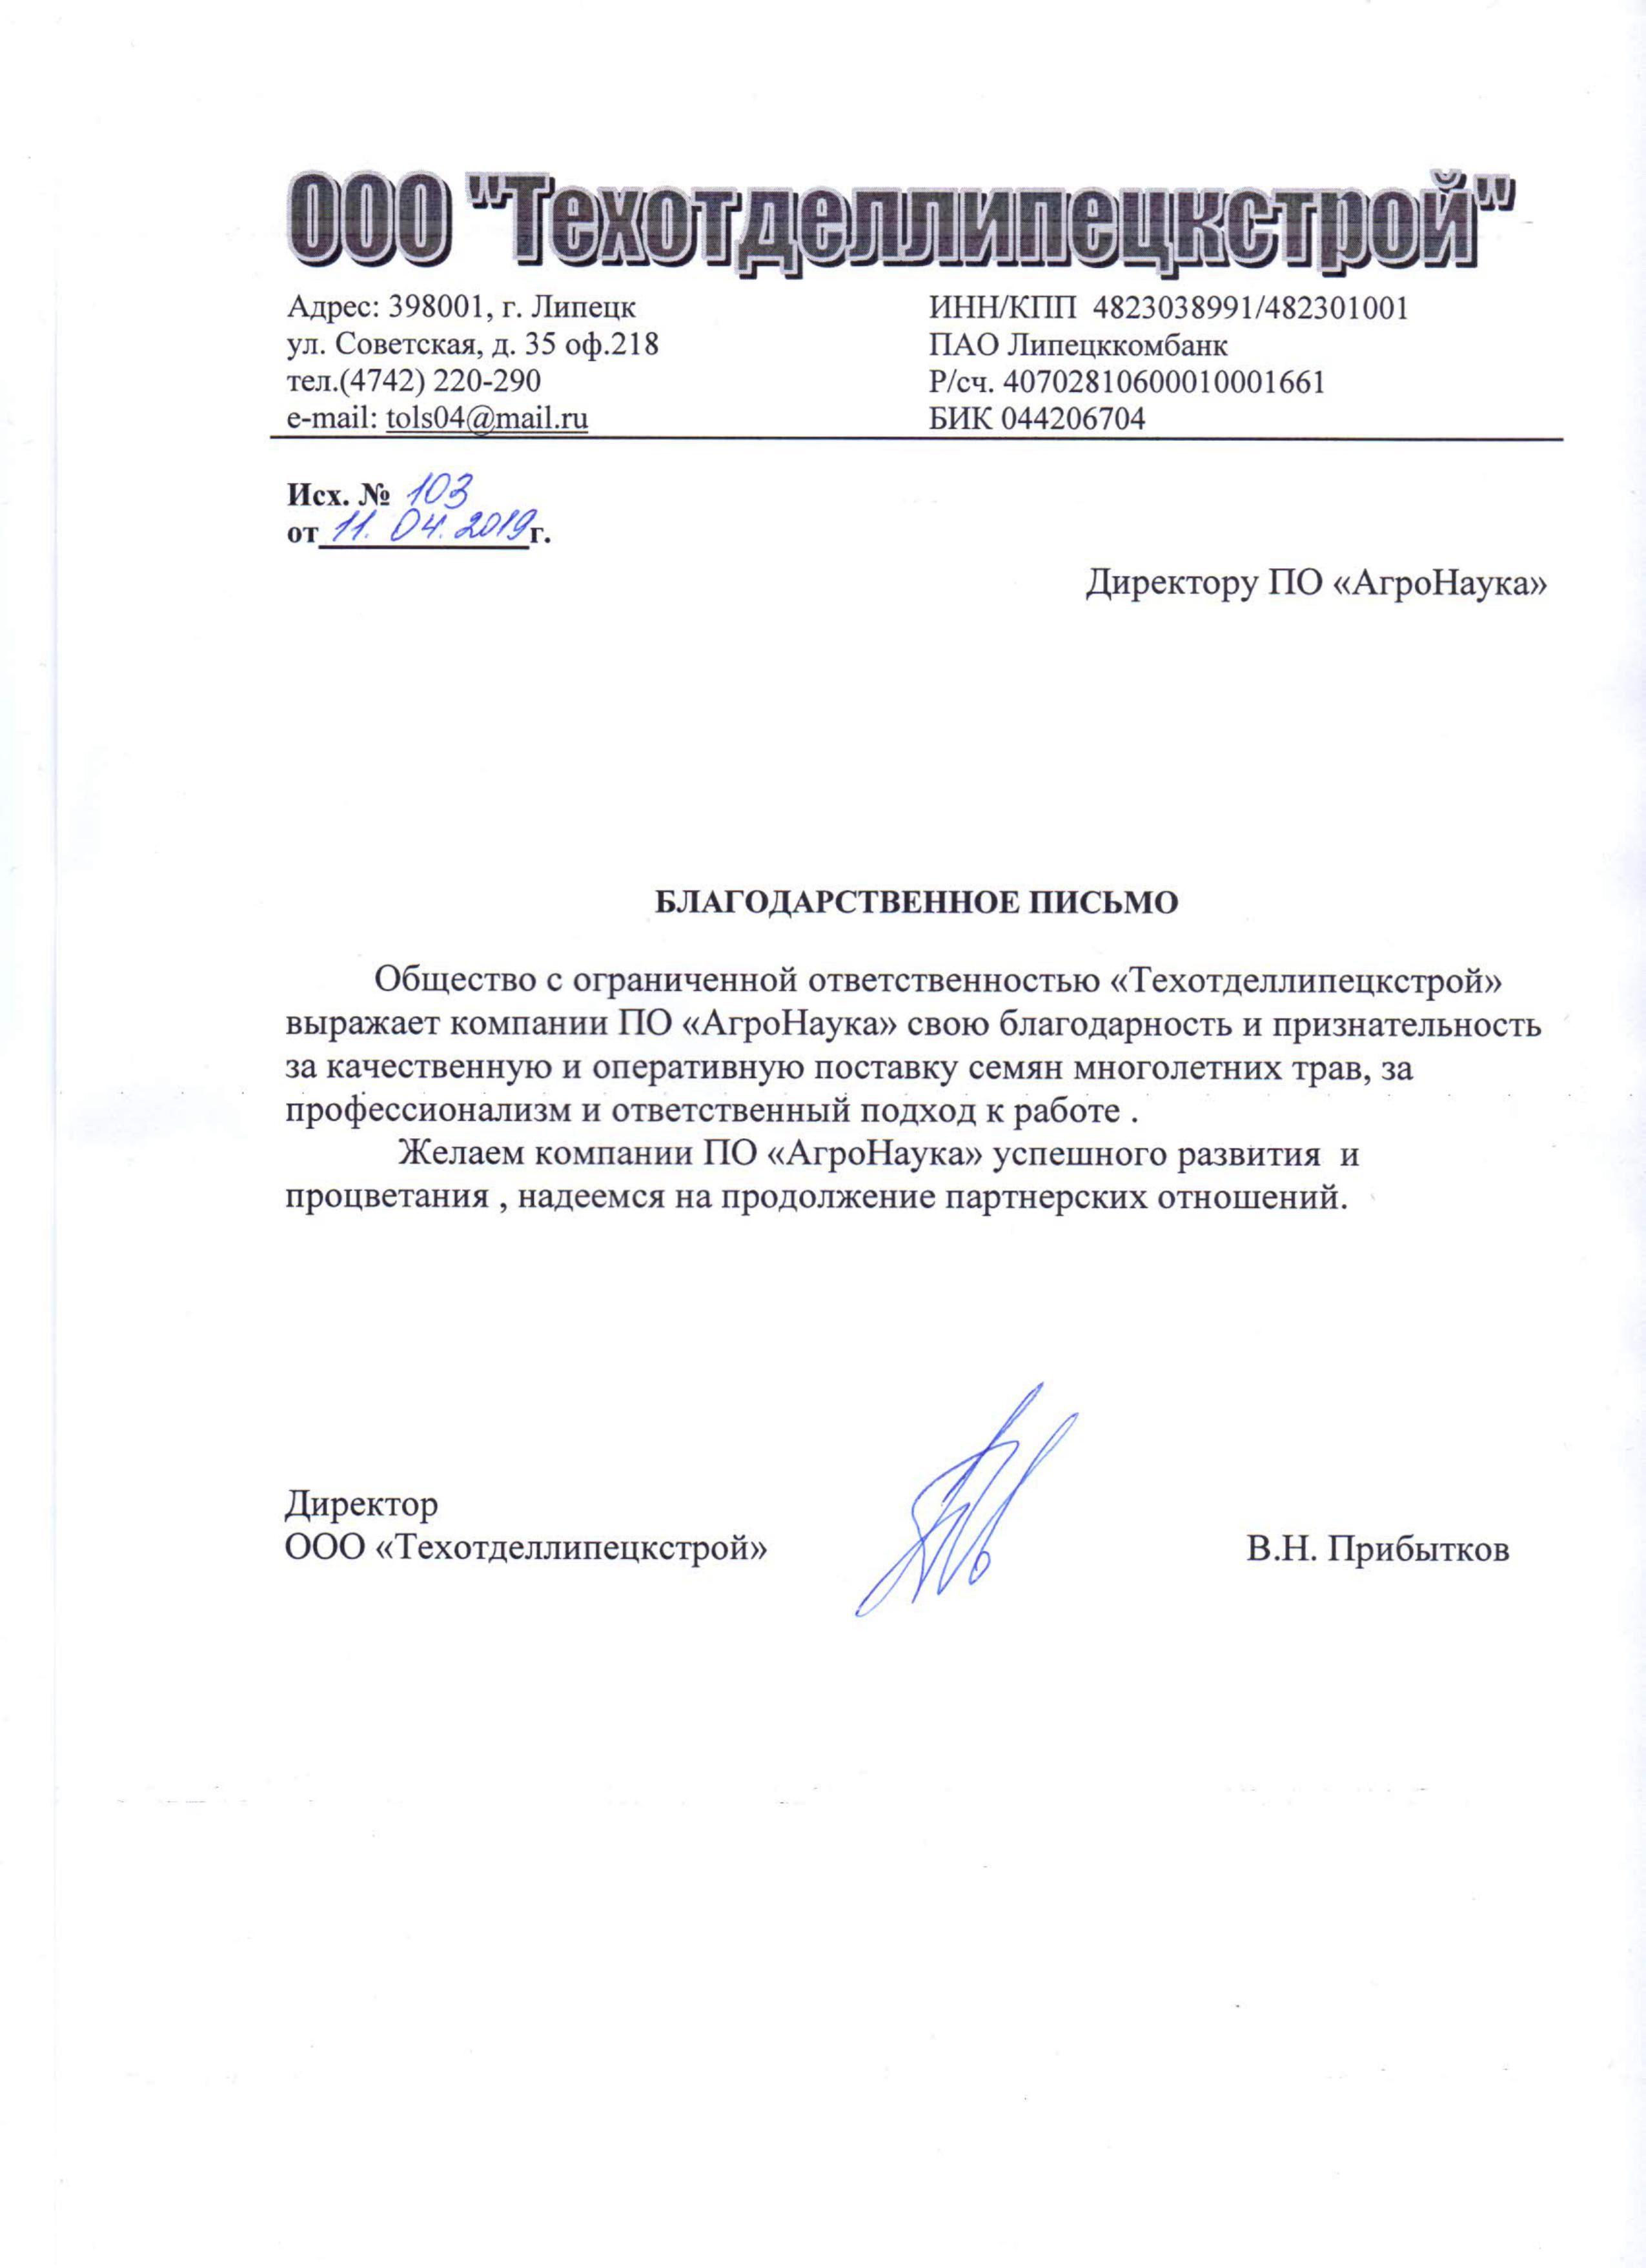 ООО «Техотделлипецкстрой»